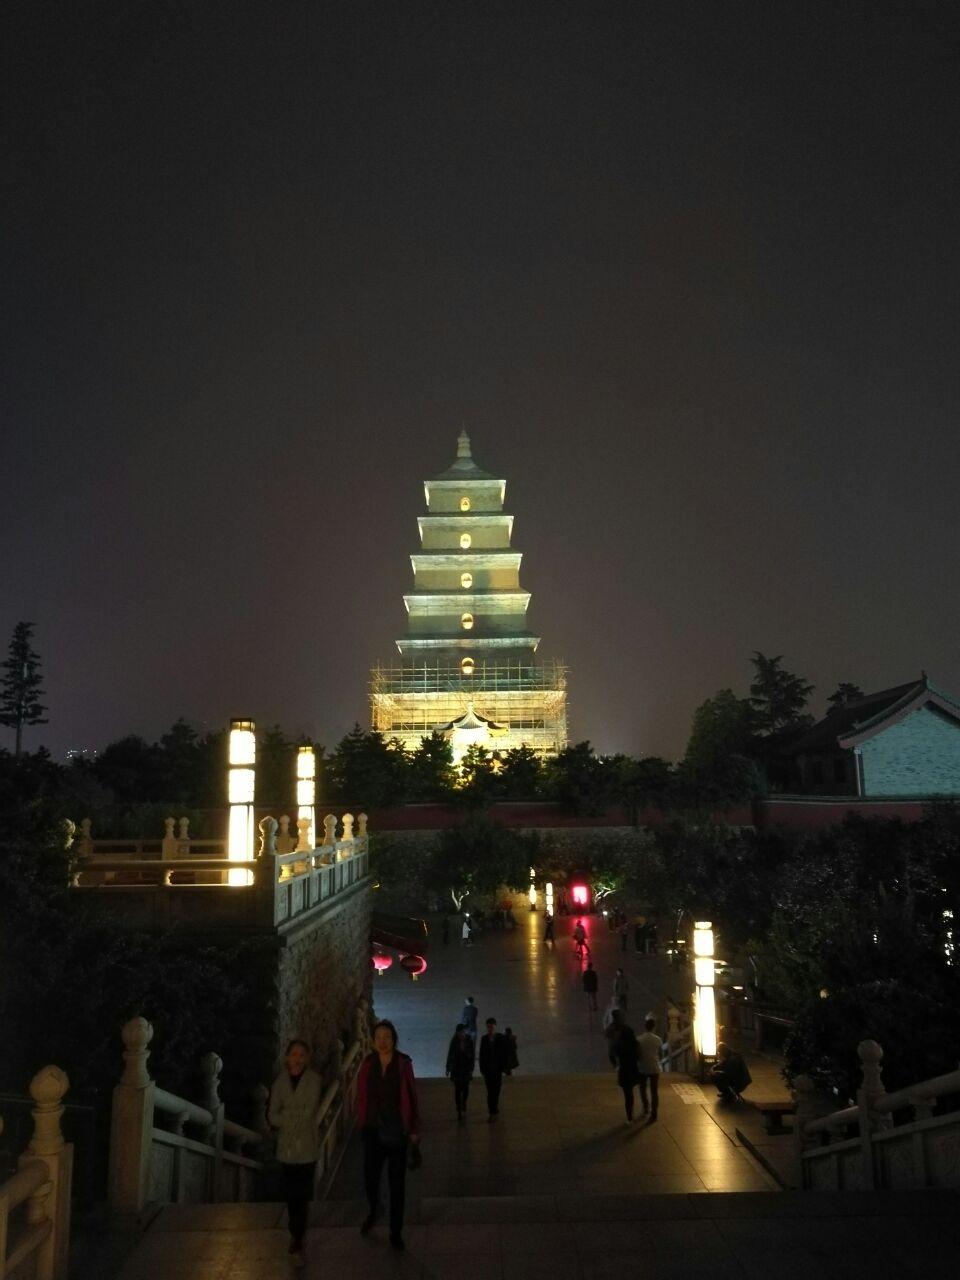 【携程攻略】陕西西安大雁塔(大慈恩寺)好玩吗,陕西大